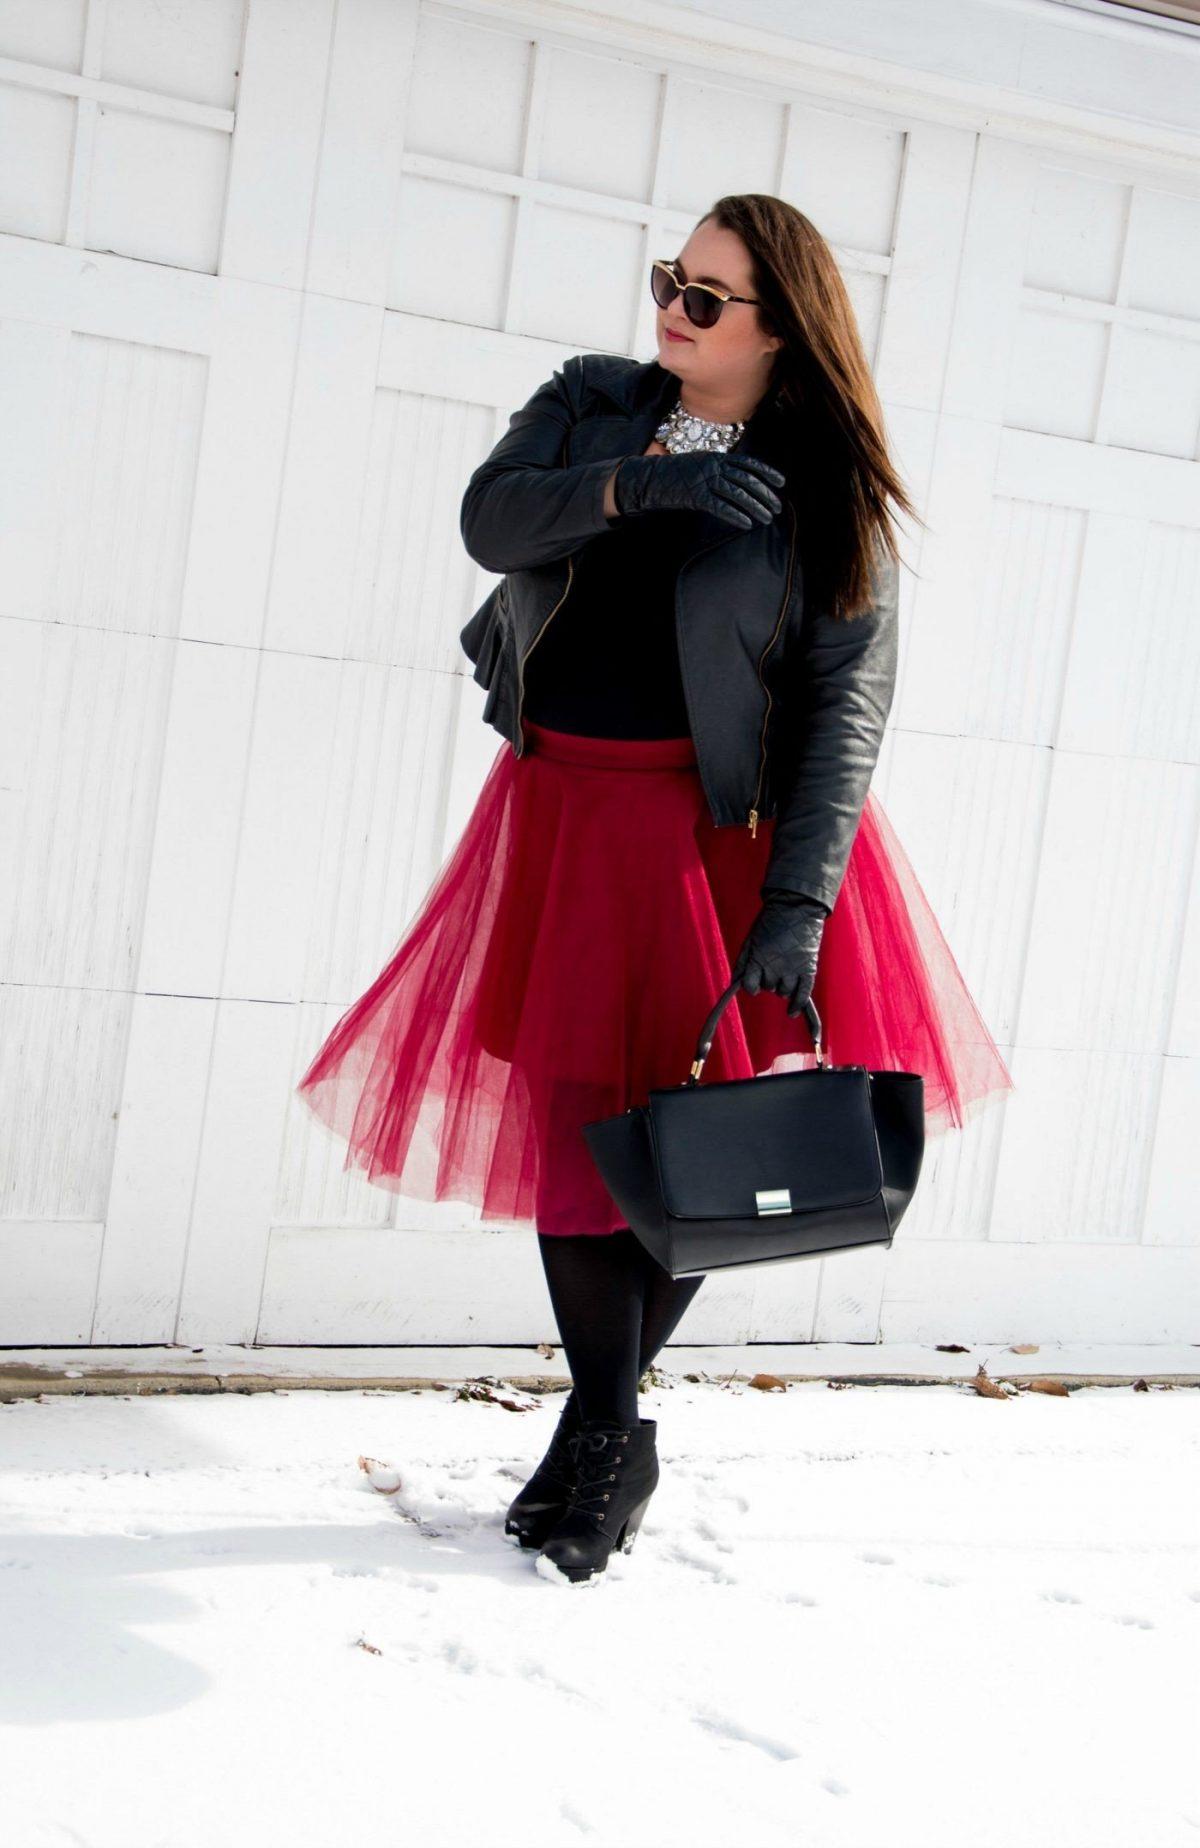 красная юбка пачка с кожаной курткой и колготами